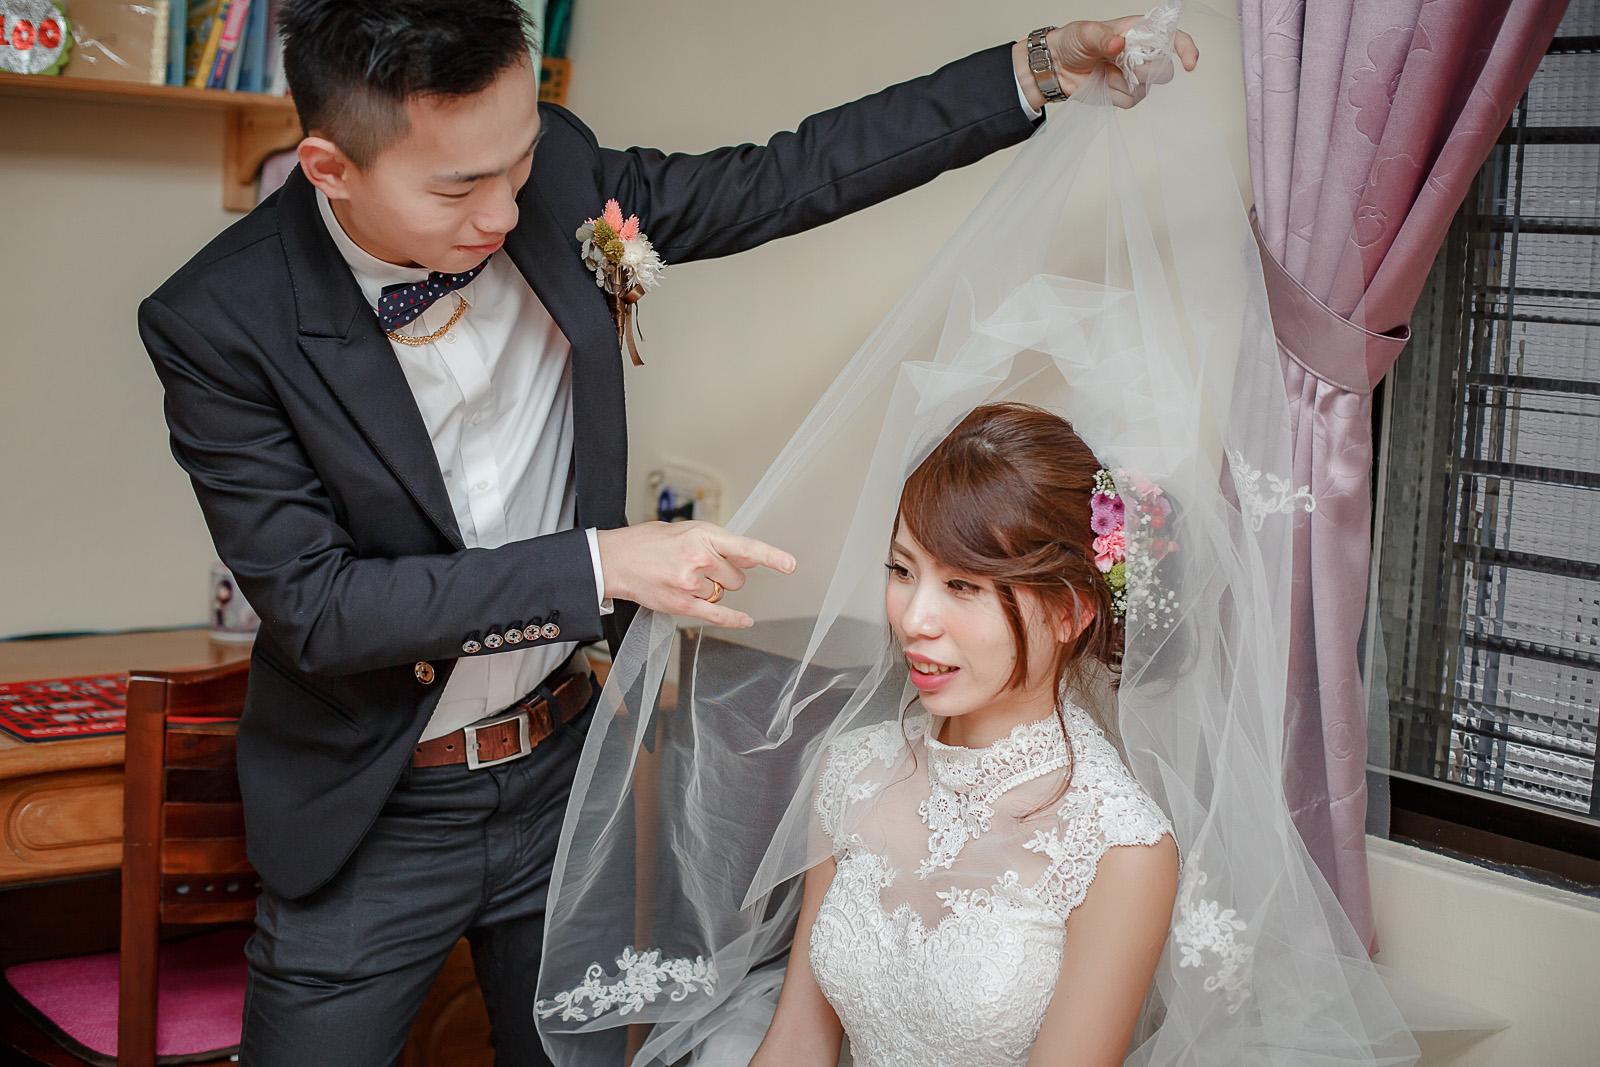 高雄圓山飯店,婚禮攝影,婚攝,高雄婚攝,優質婚攝推薦,Jen&Ethan-184